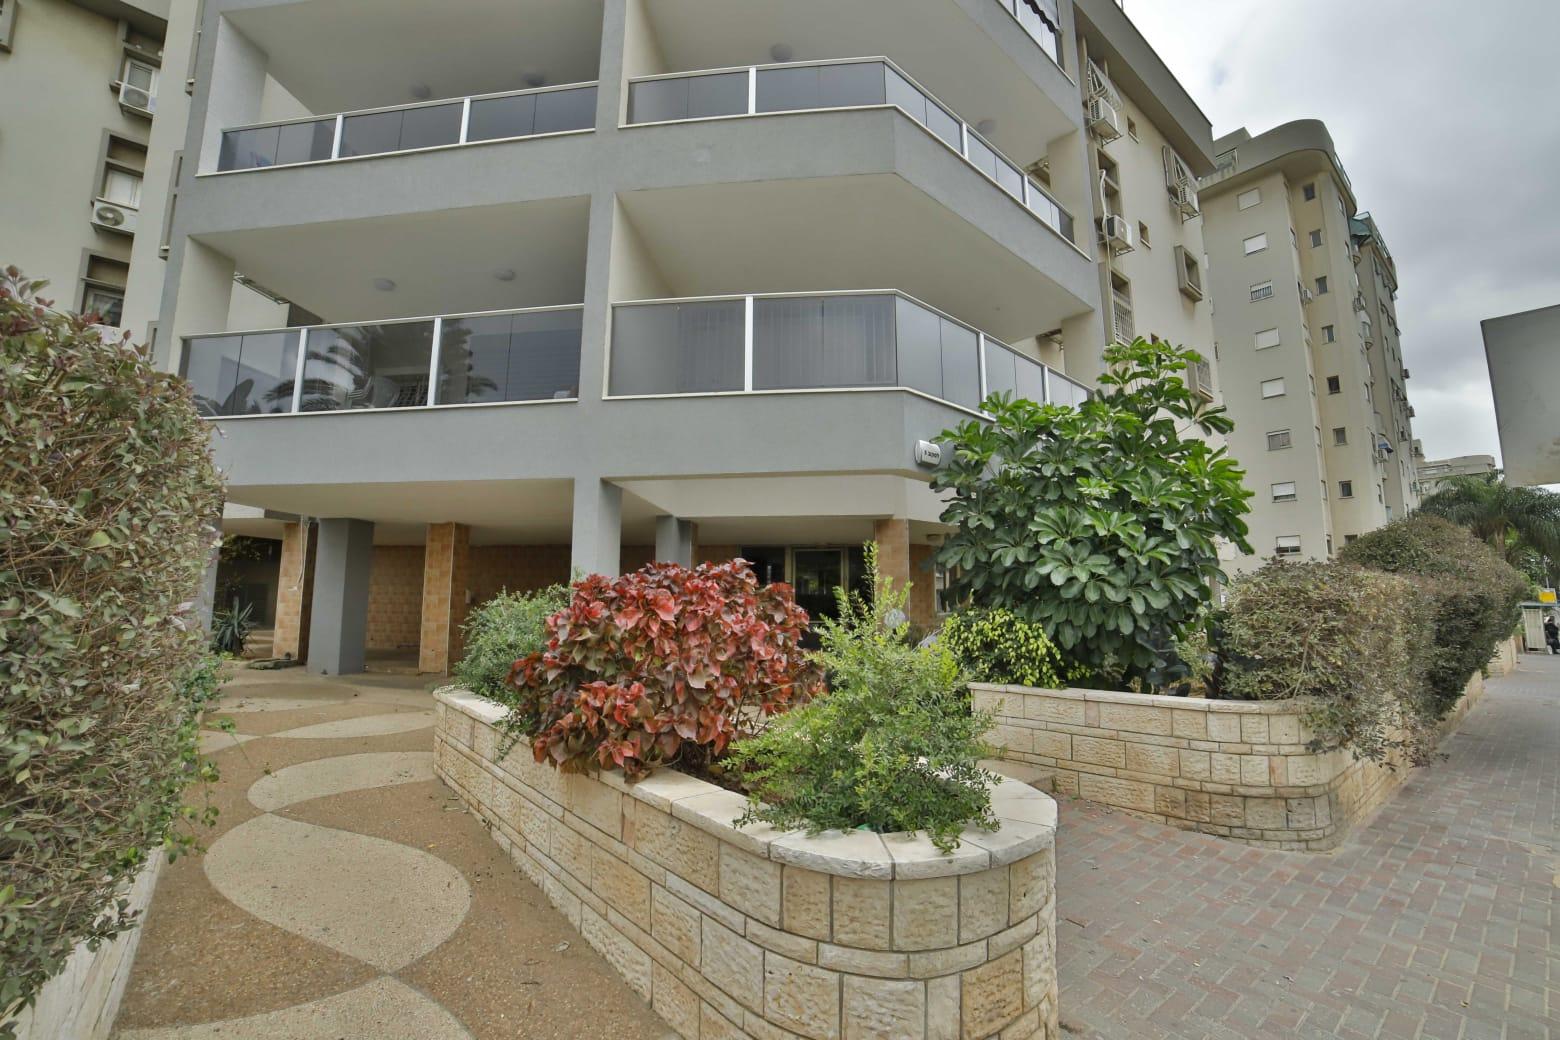 חדש למכירה דירת 4 חדרים ענקית בשכונת בן גוריון